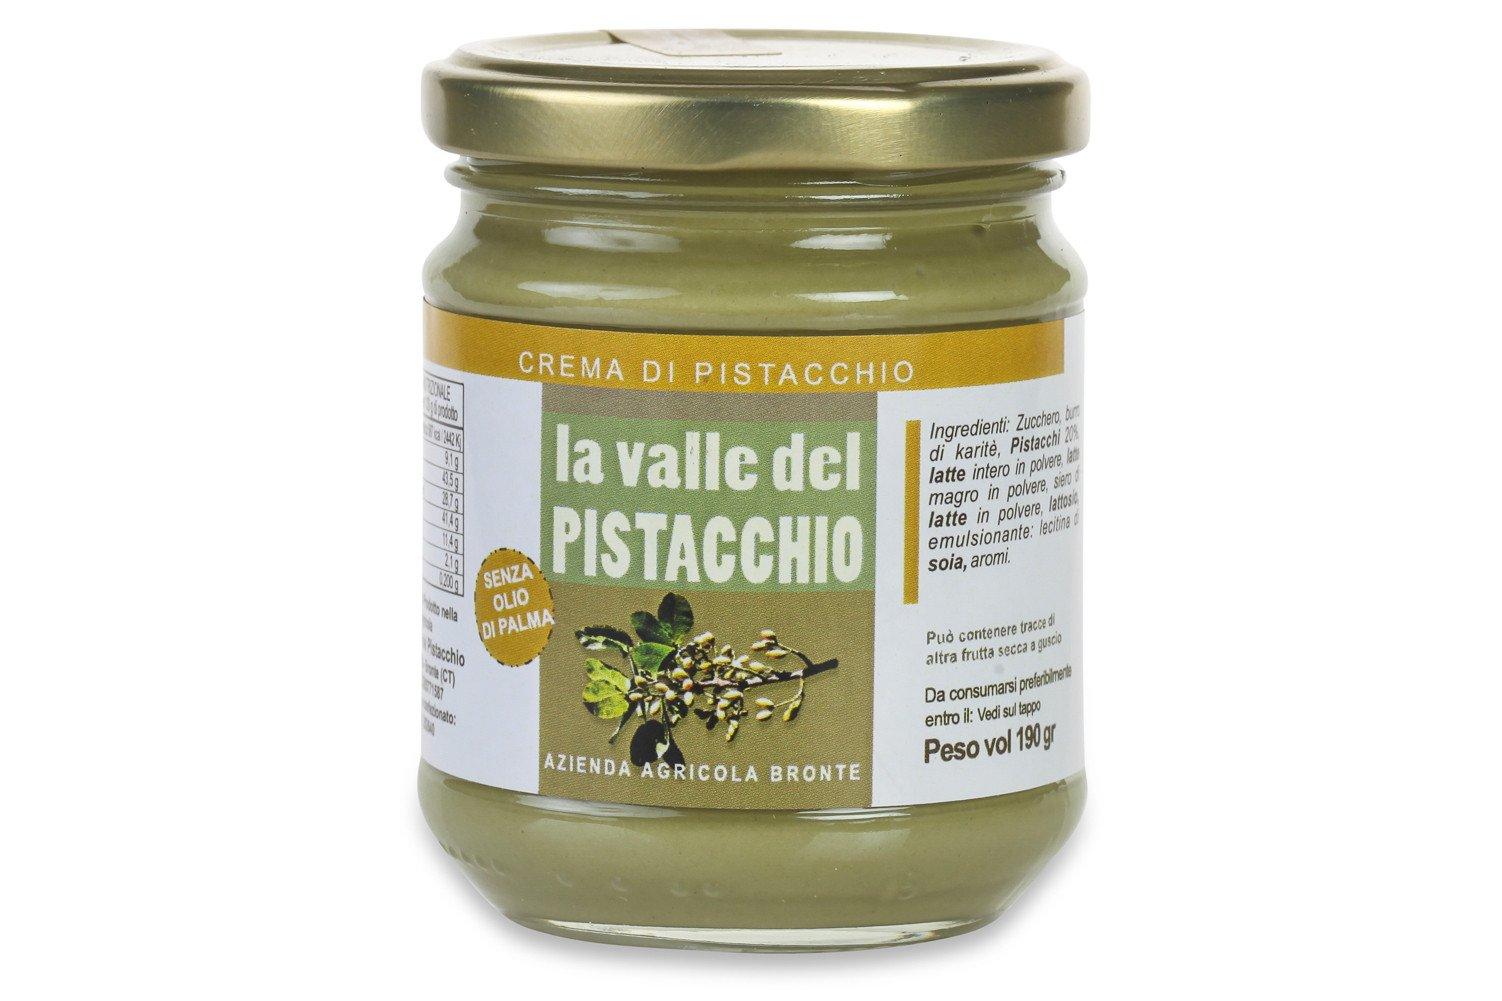 La valle del pistacchio pistachio cream VLL02 La valle del pistachio